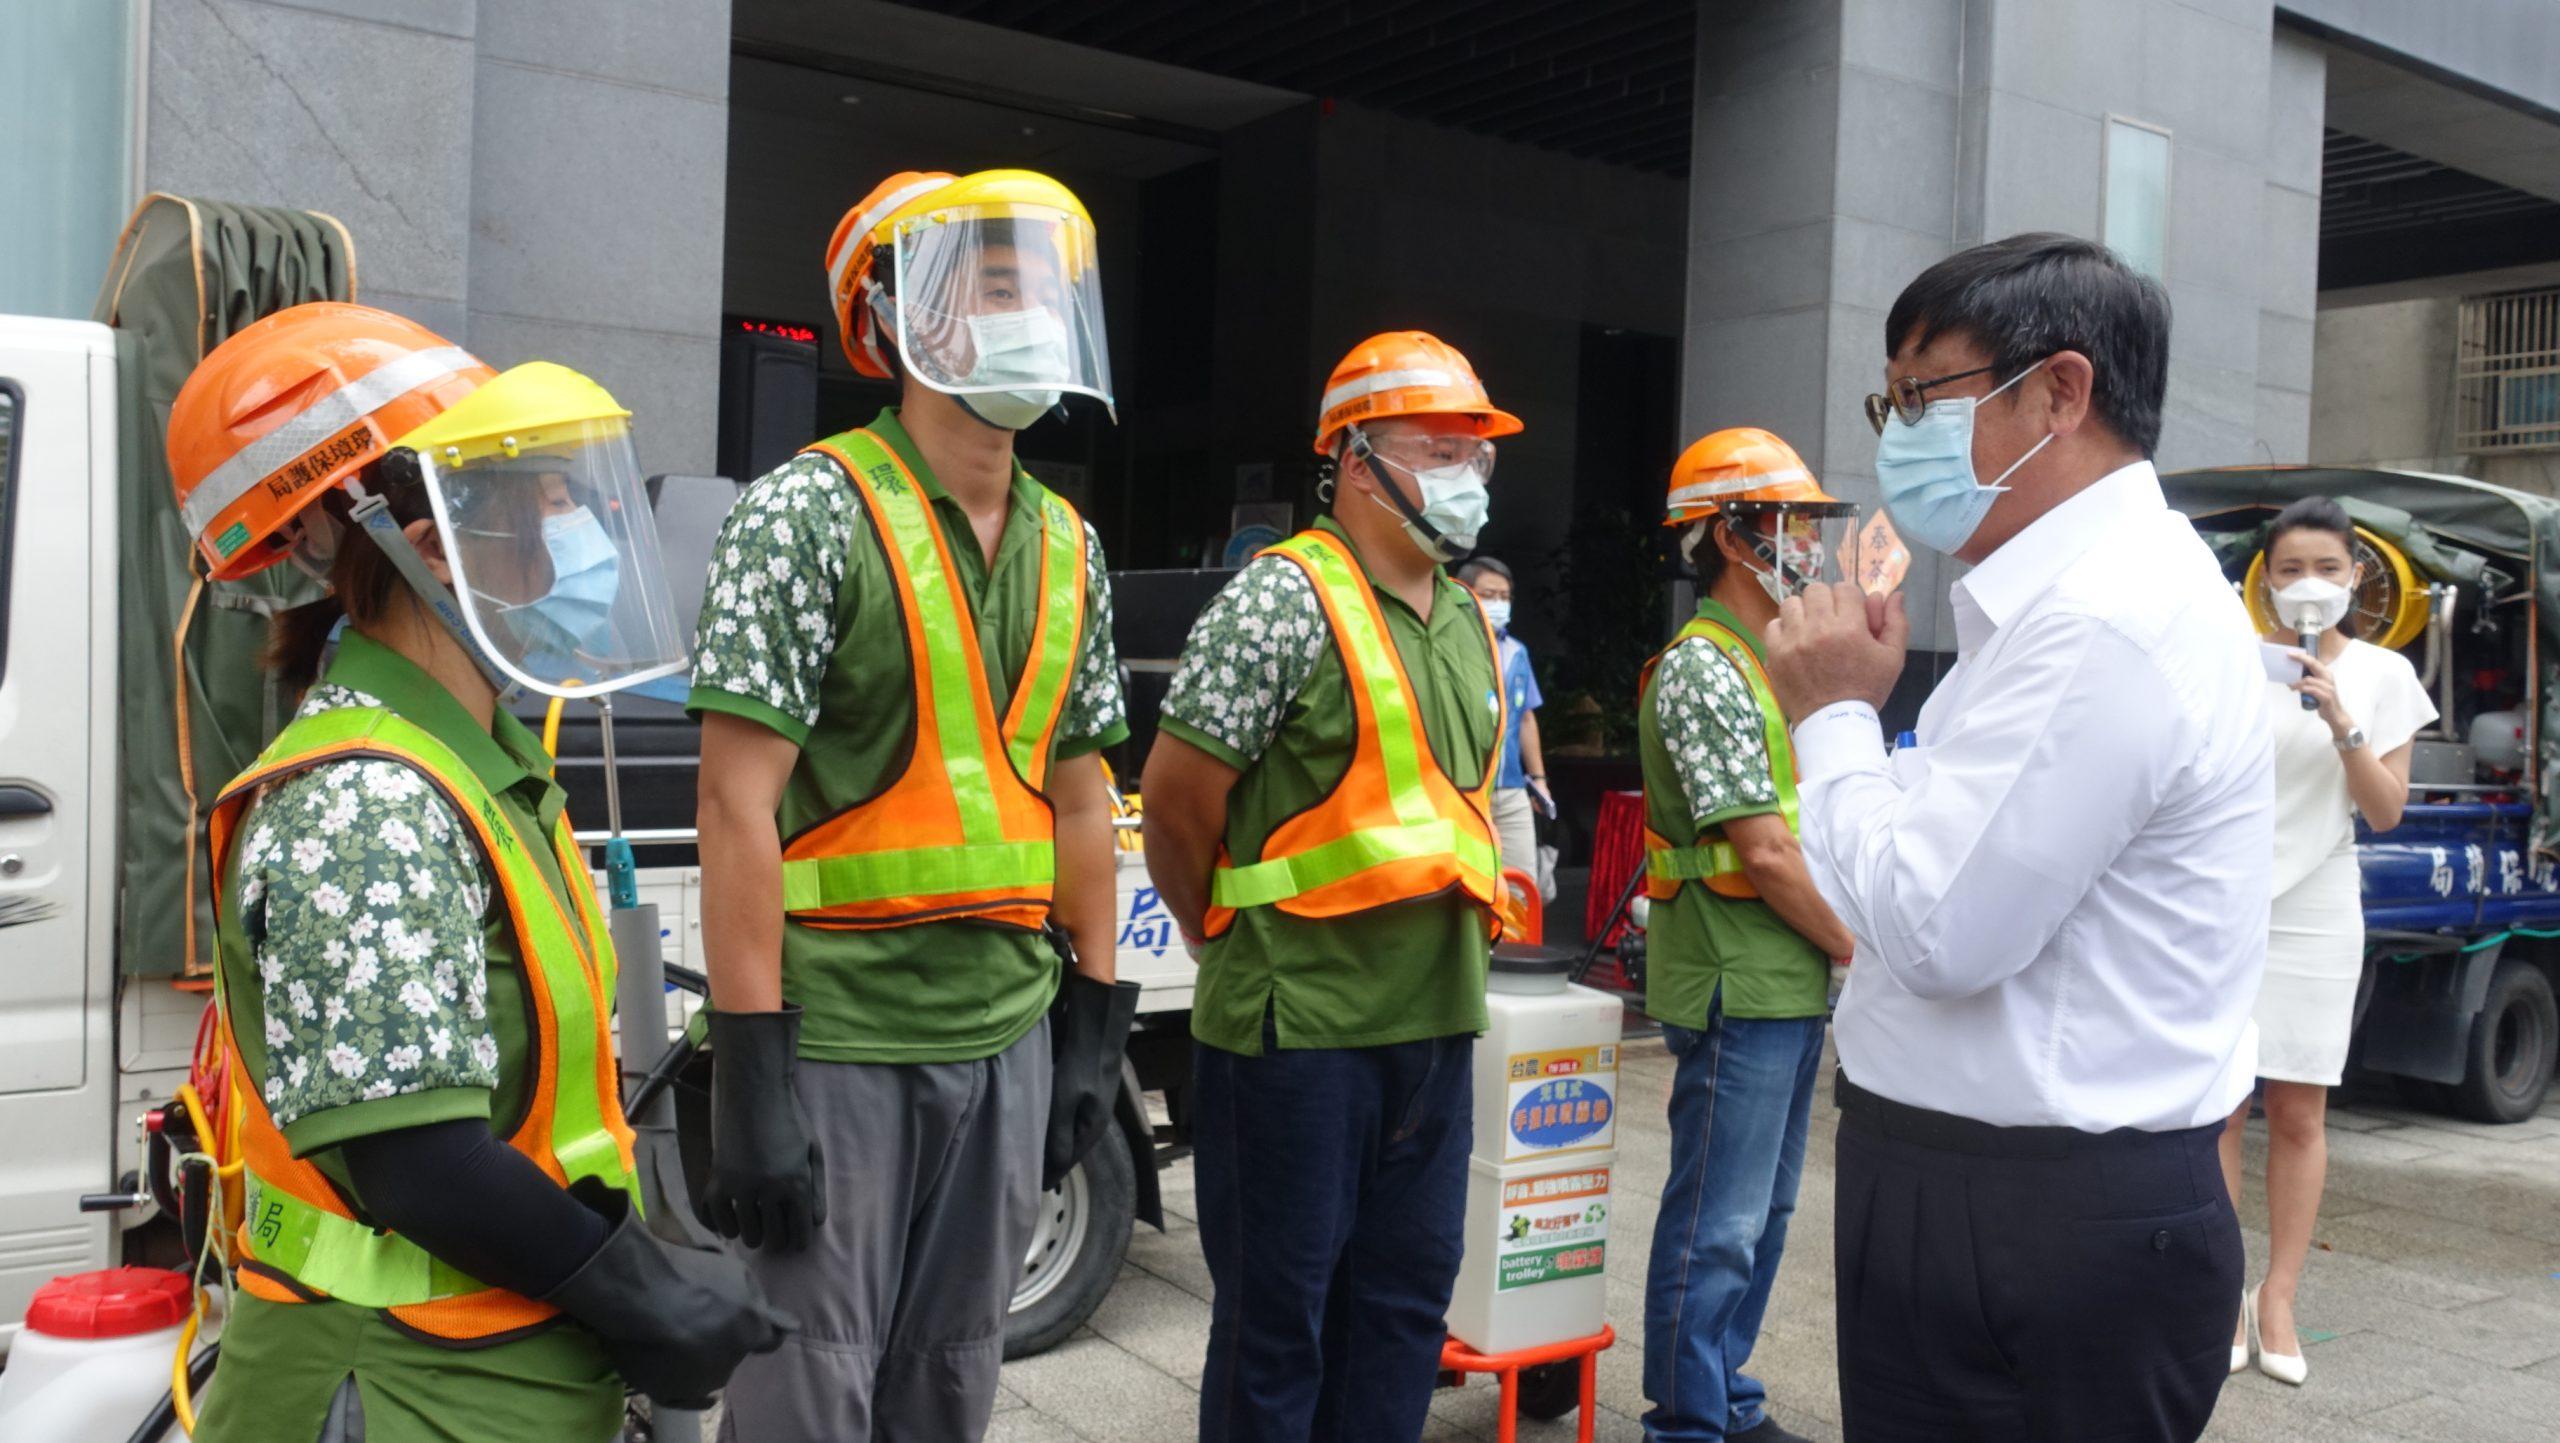 1100804署長向清潔消毒人員的辛勞表達感謝之意1